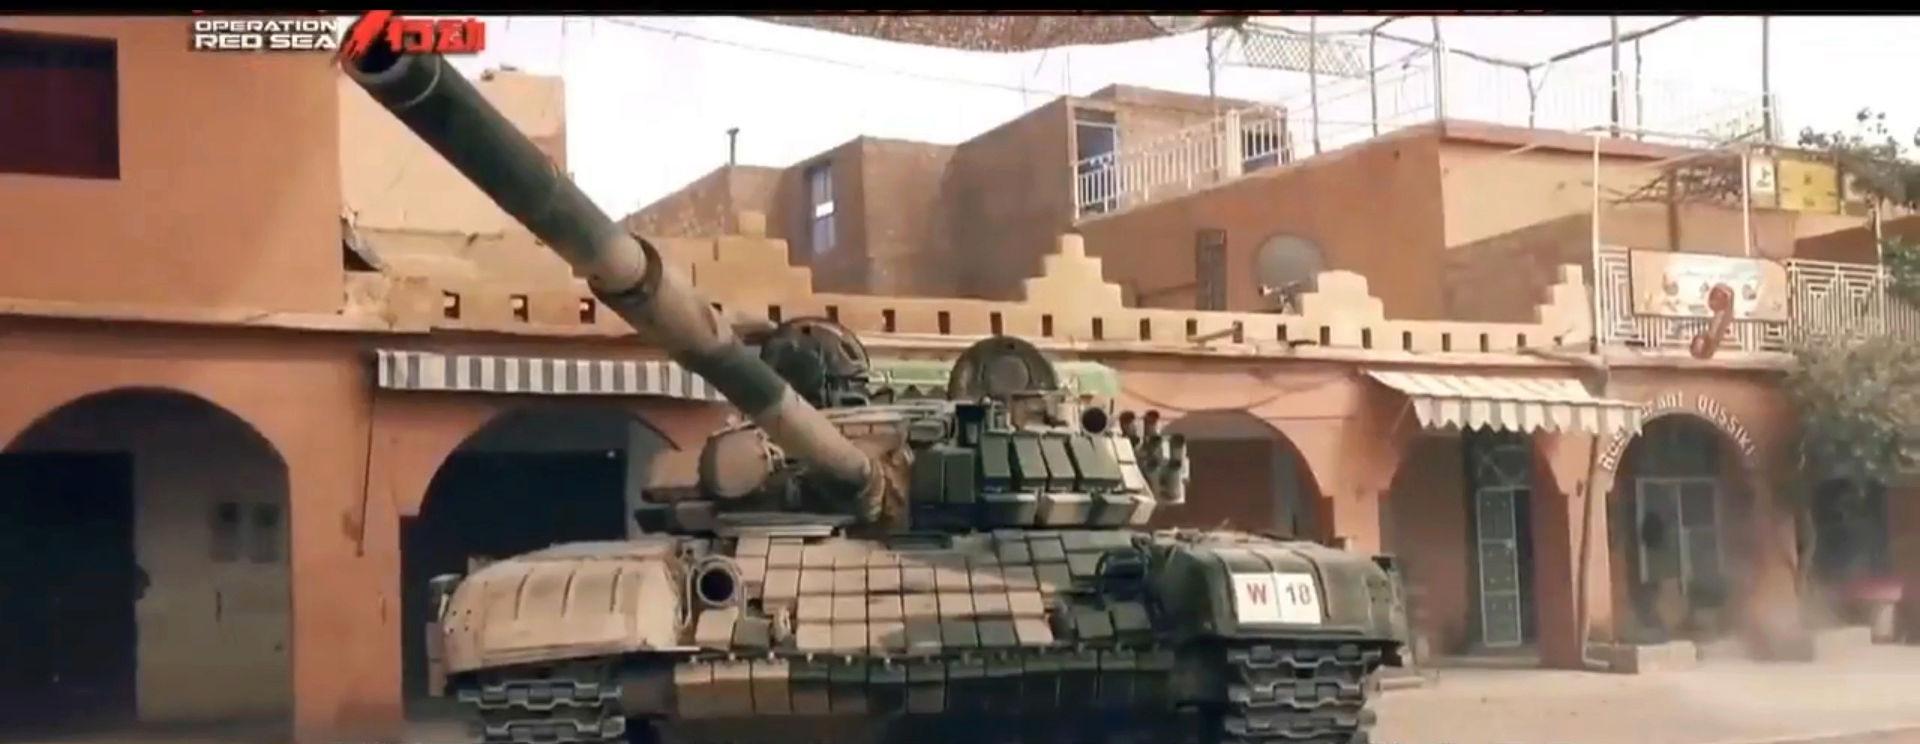 Photos - Chars de Combat / MBTs - Page 3 20180413